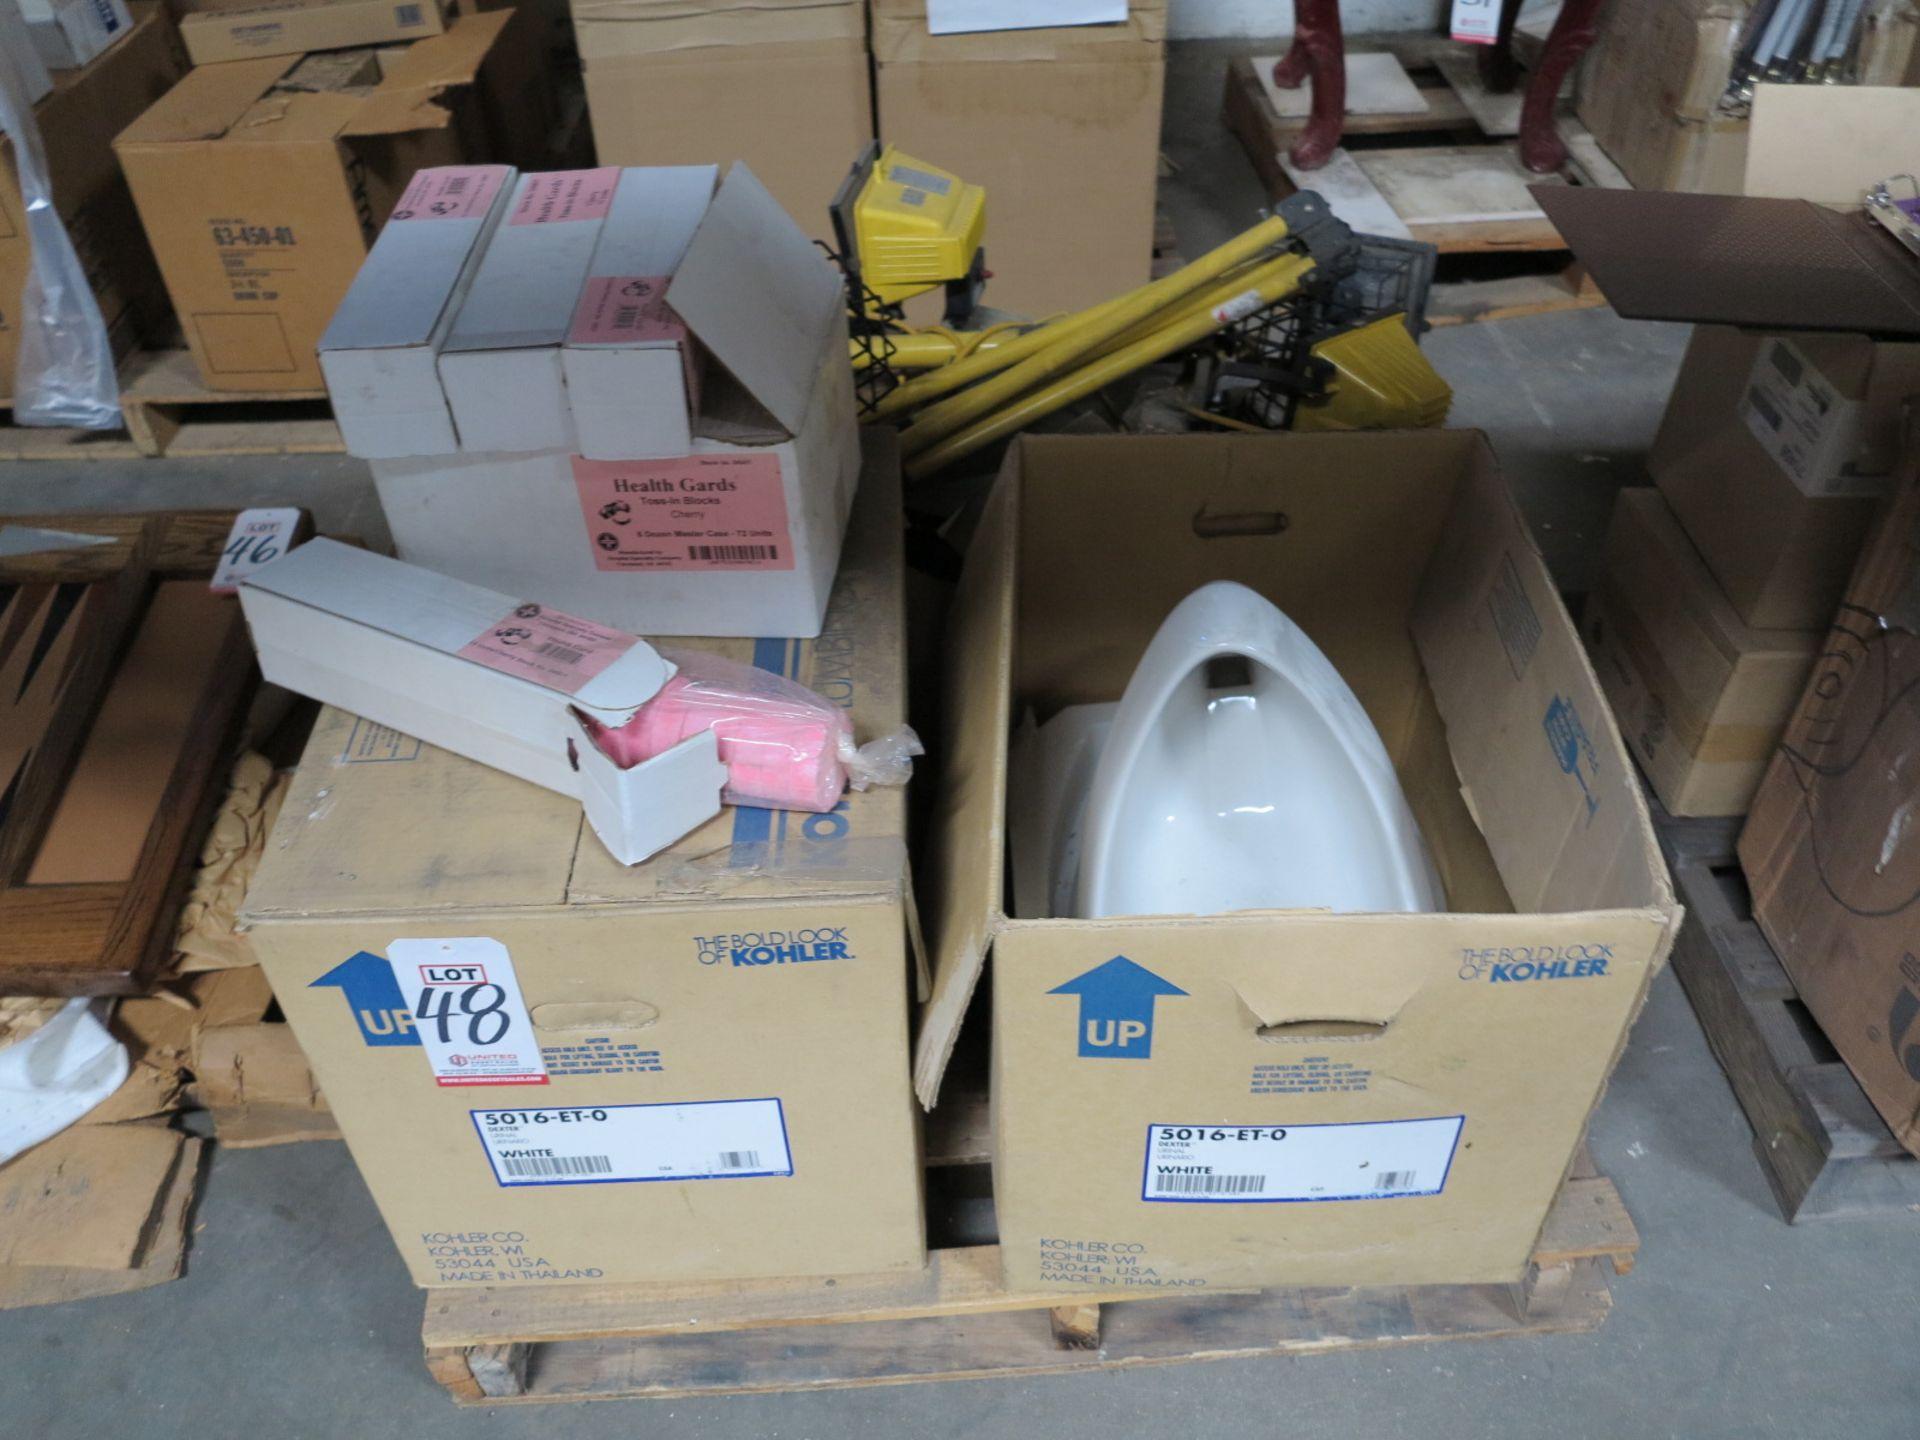 Lot 48 - LOT - (2) KOHLER URINALS, WHITE, MODEL DEXTER 5016-ET-0, WORK LIGHTS, URINAL SANITIZERS